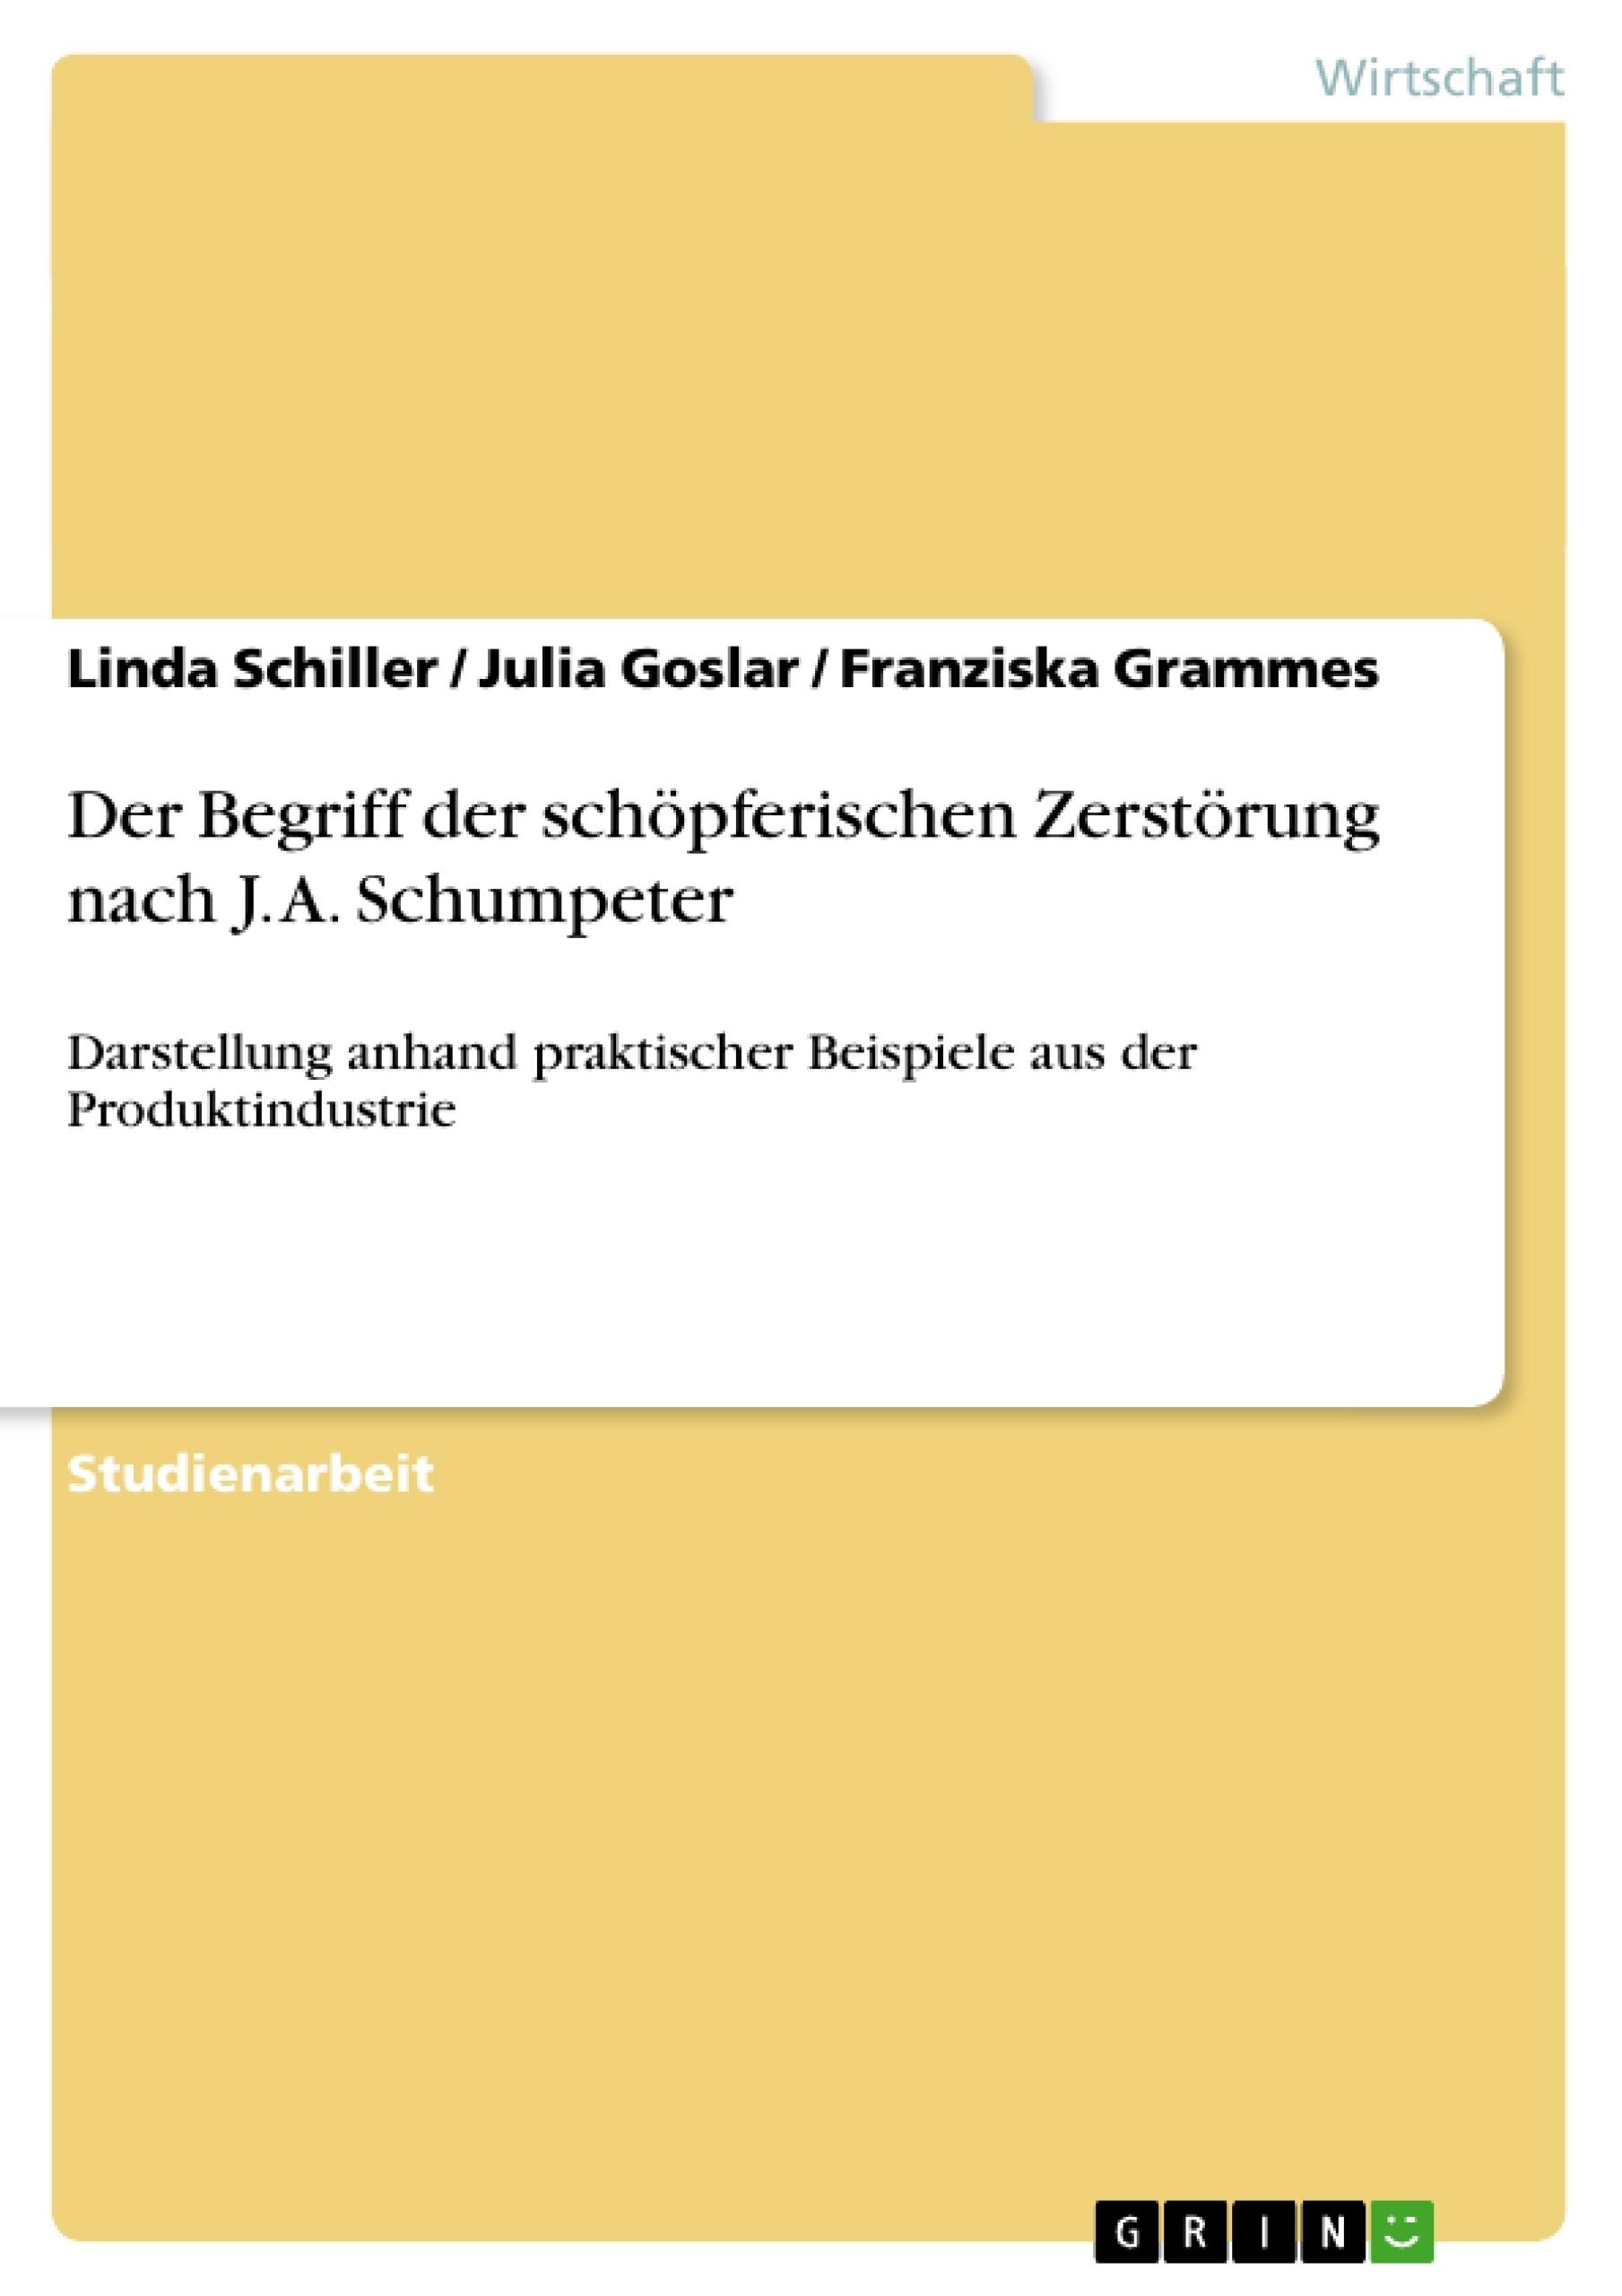 Titel: Der Begriff der schöpferischen Zerstörung nach J. A. Schumpeter